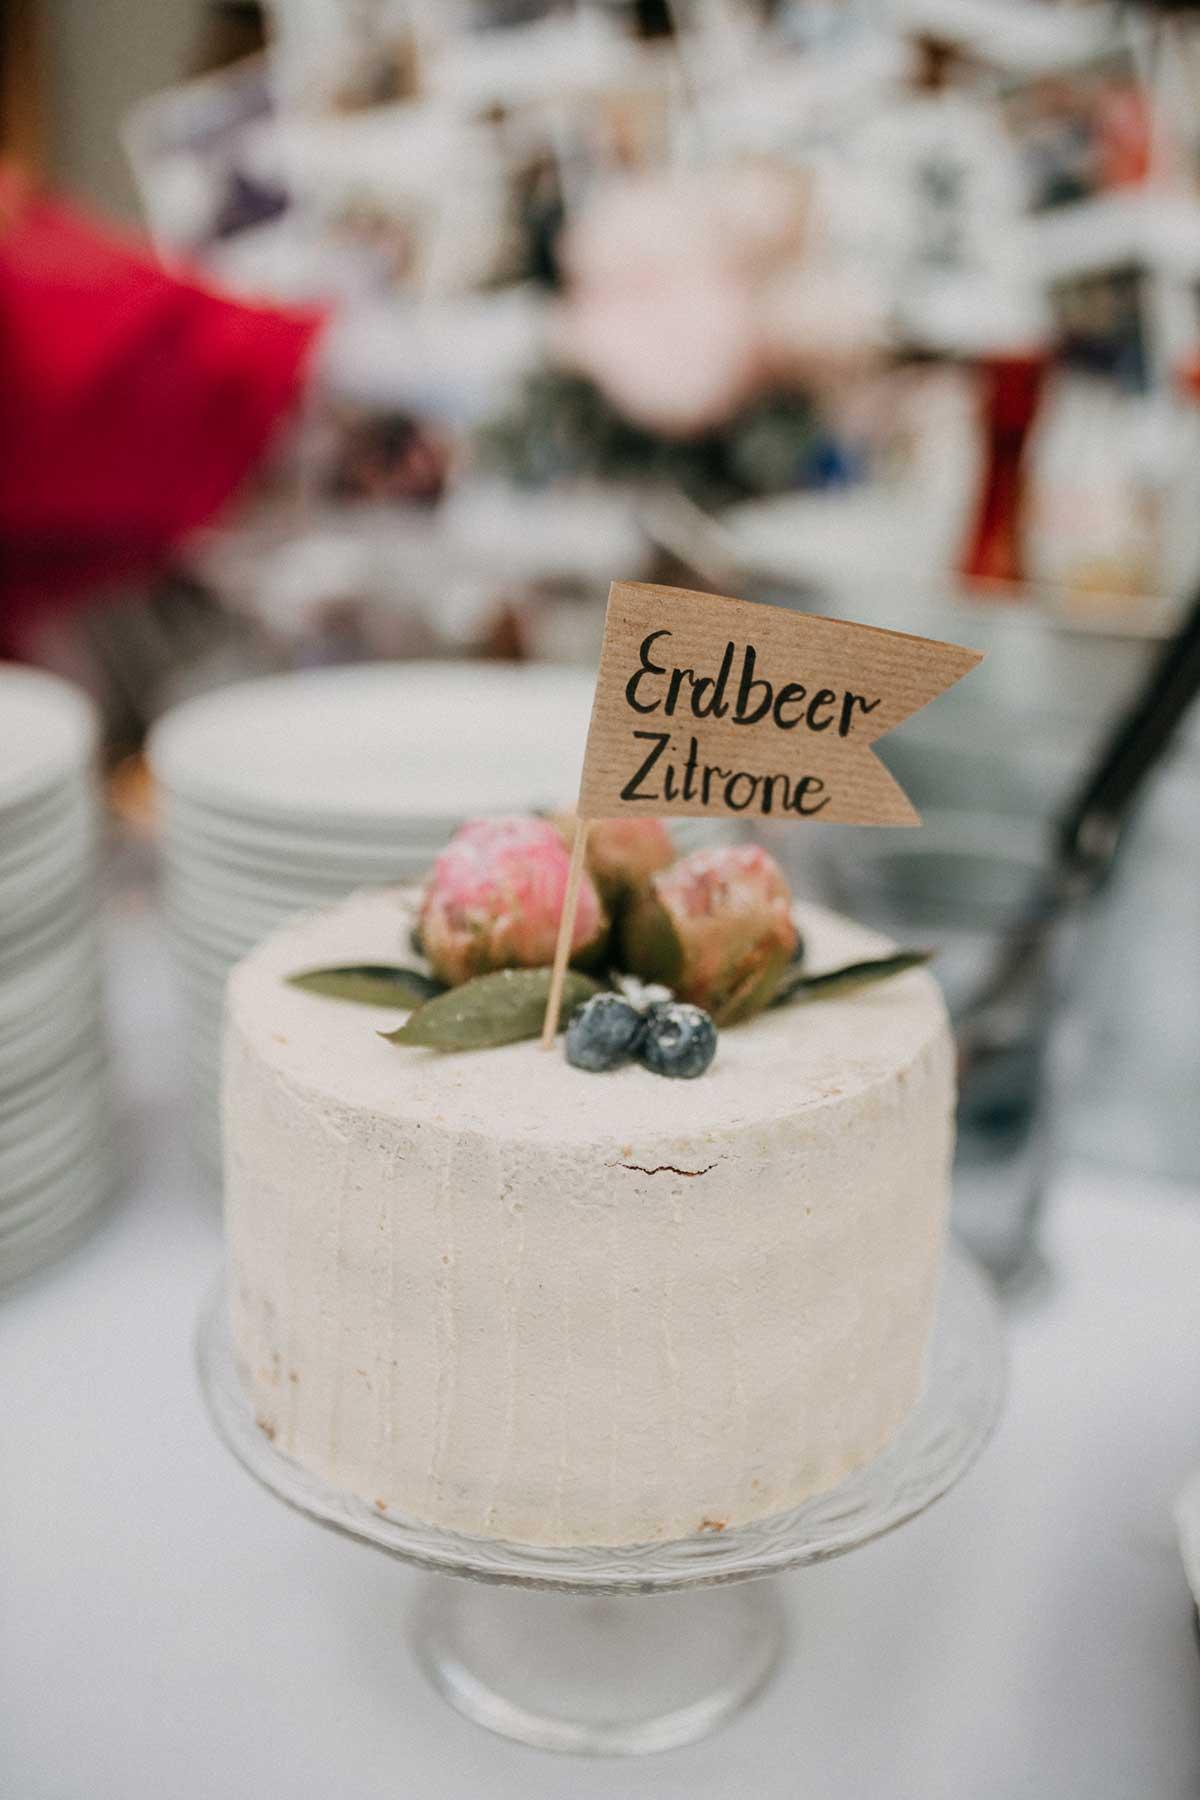 Erdbeer Zitronen Torte für die Hochzeit